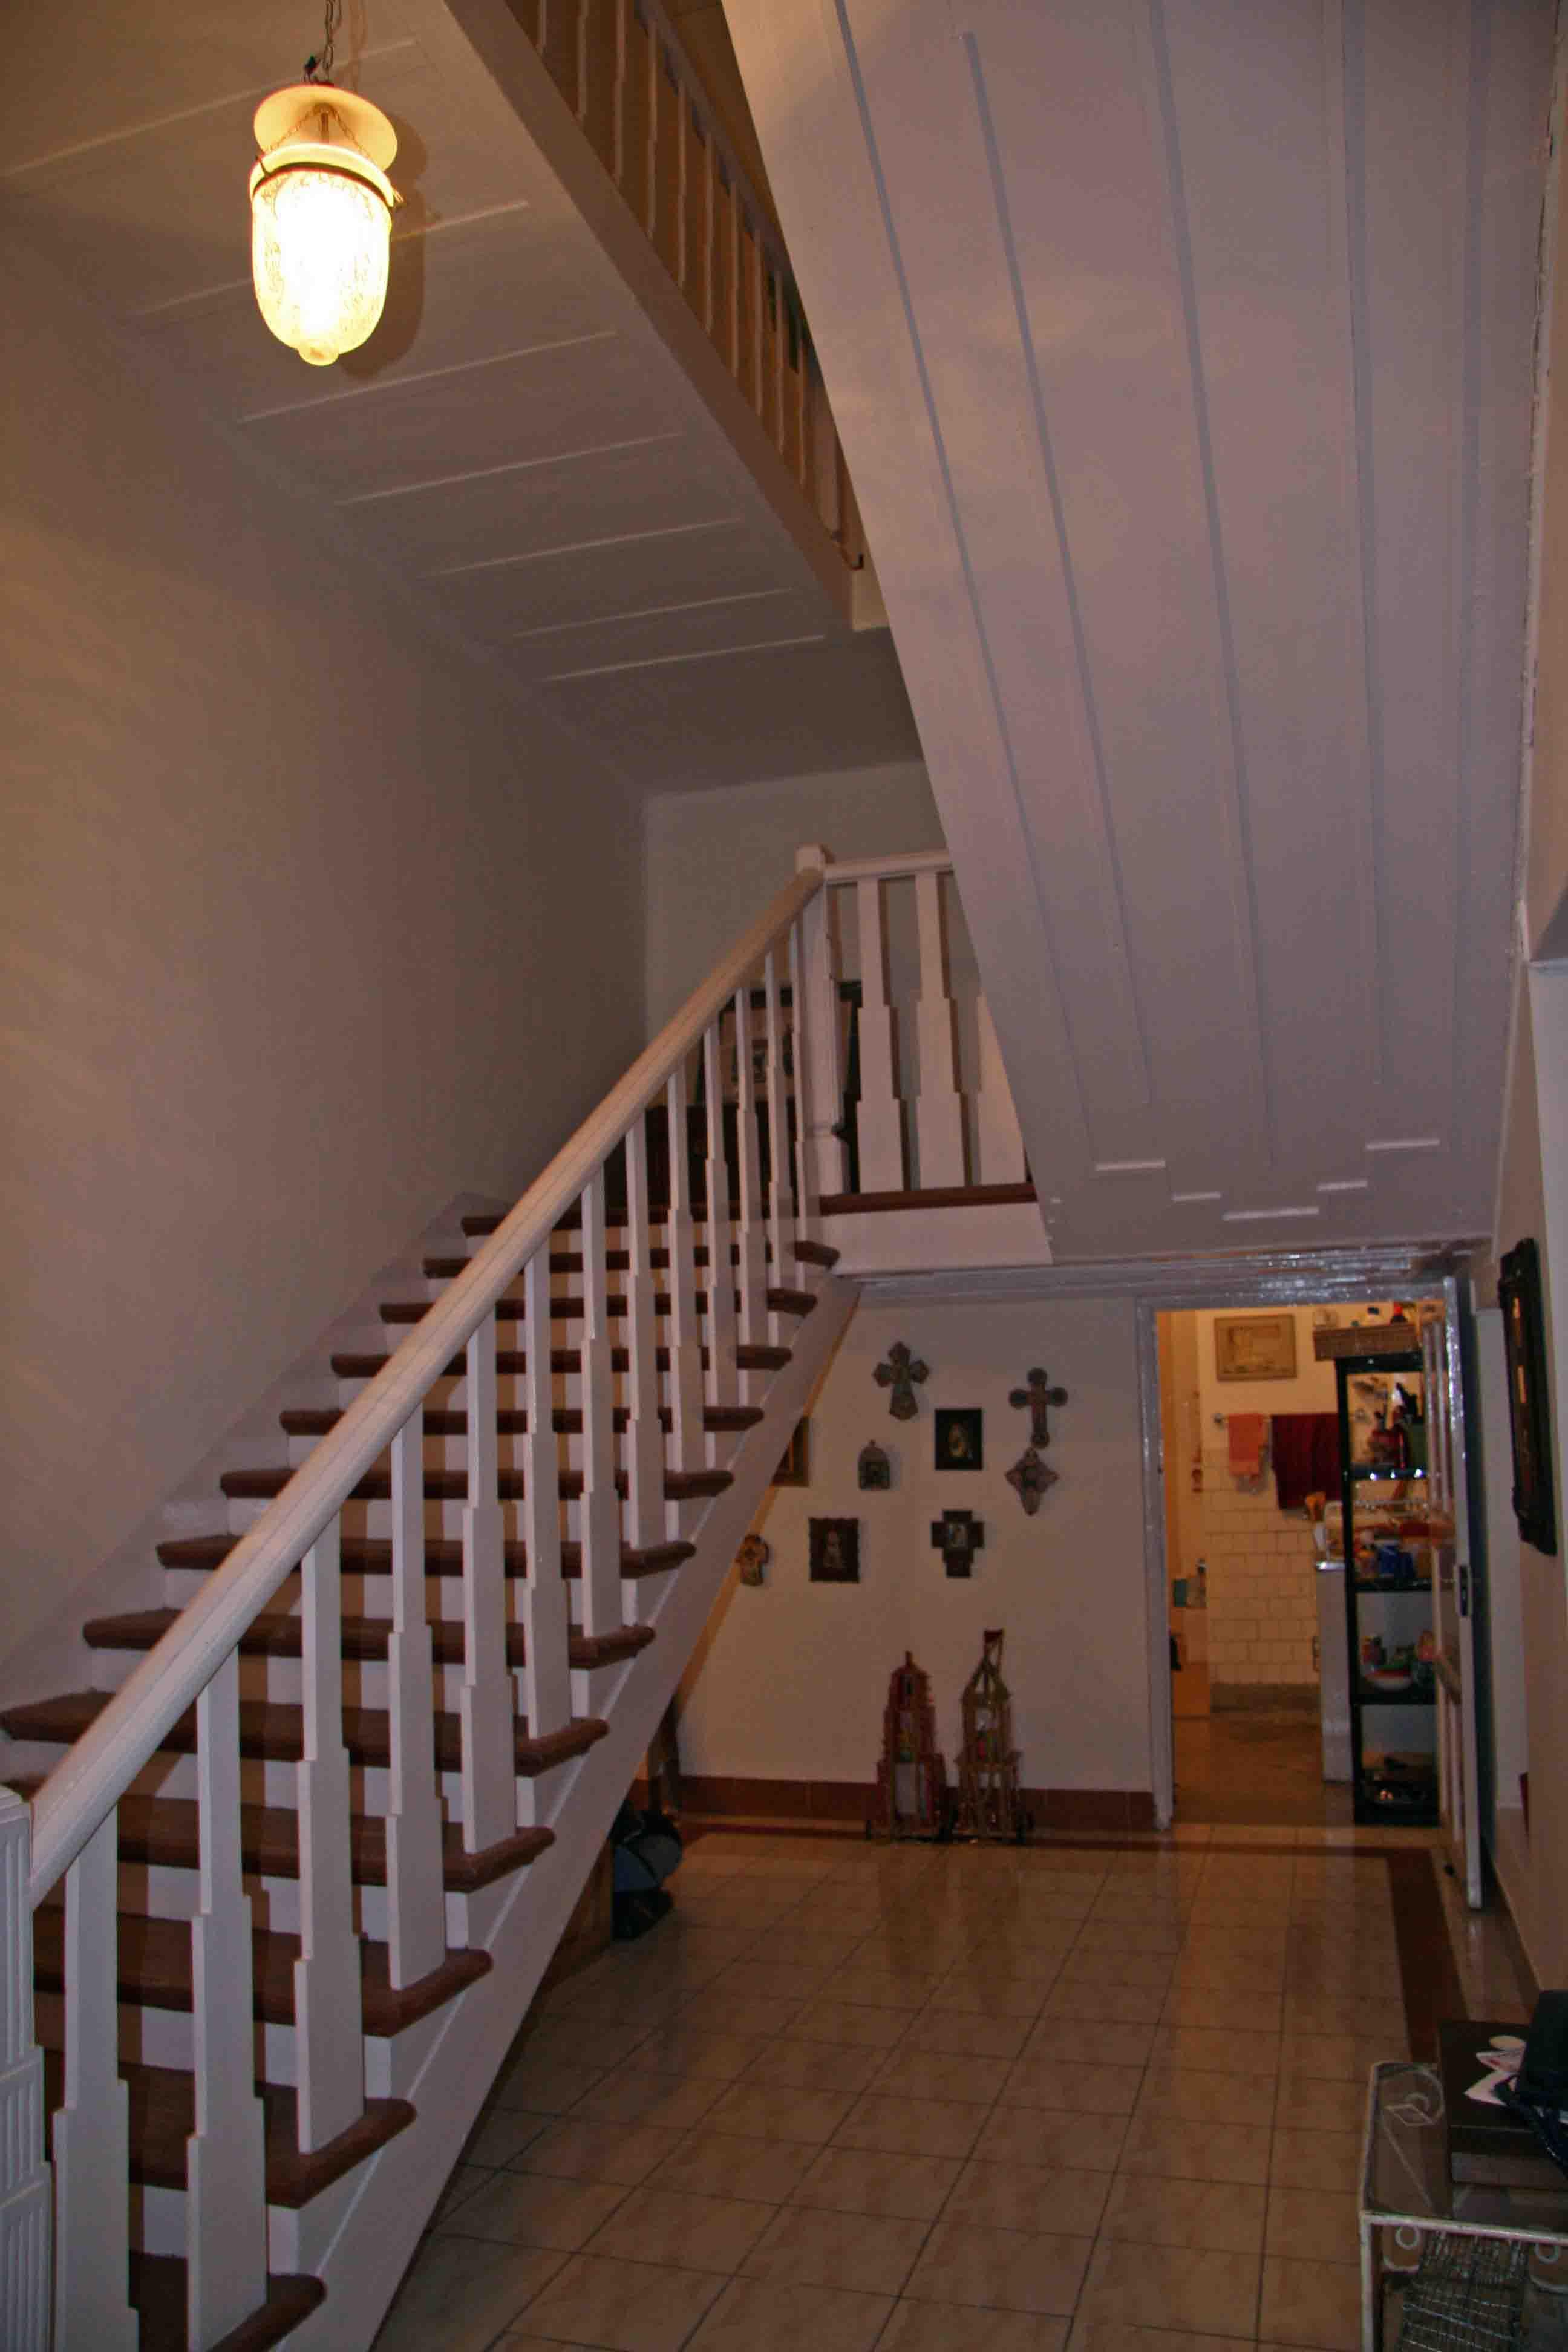 Les boscq a calcutta l interieur de la maison - Escalier interieur maison ...